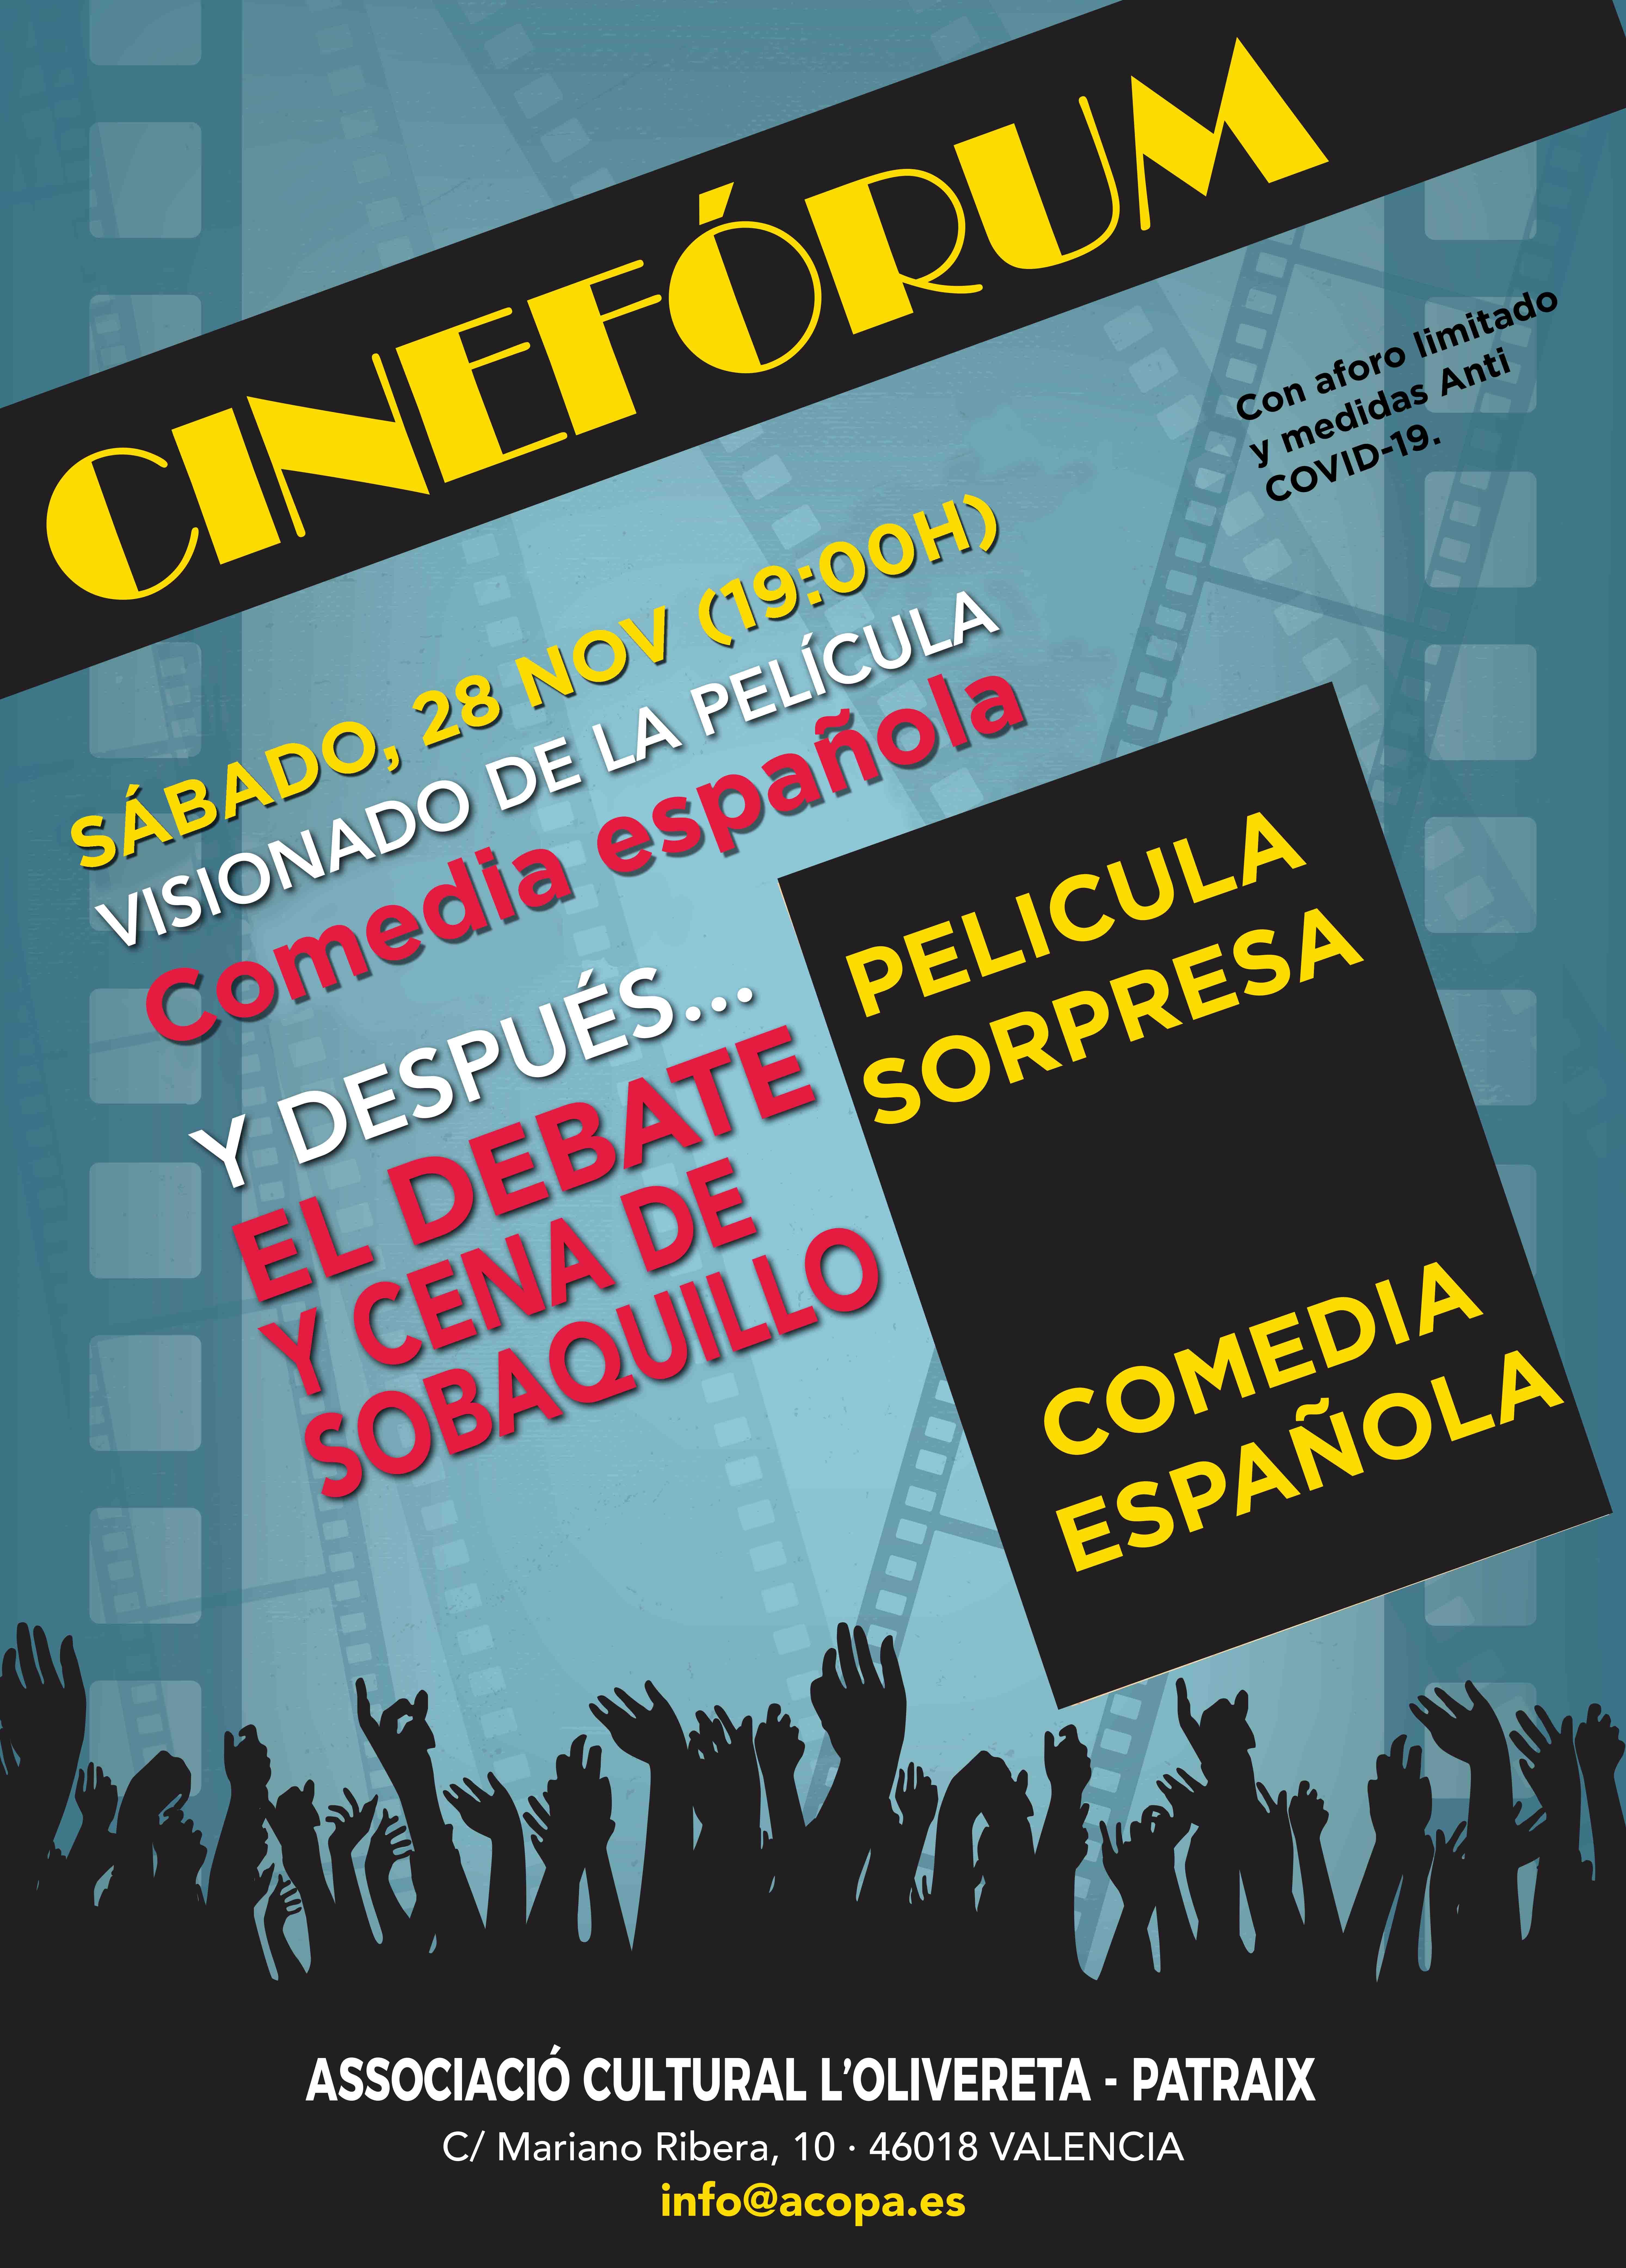 Cinefórum: pelicula sorpresa comedia española. sábado 28 de noviembre a las 19h con cena de pa i porta. Si las medidas anti COVID-19 lo permiten.